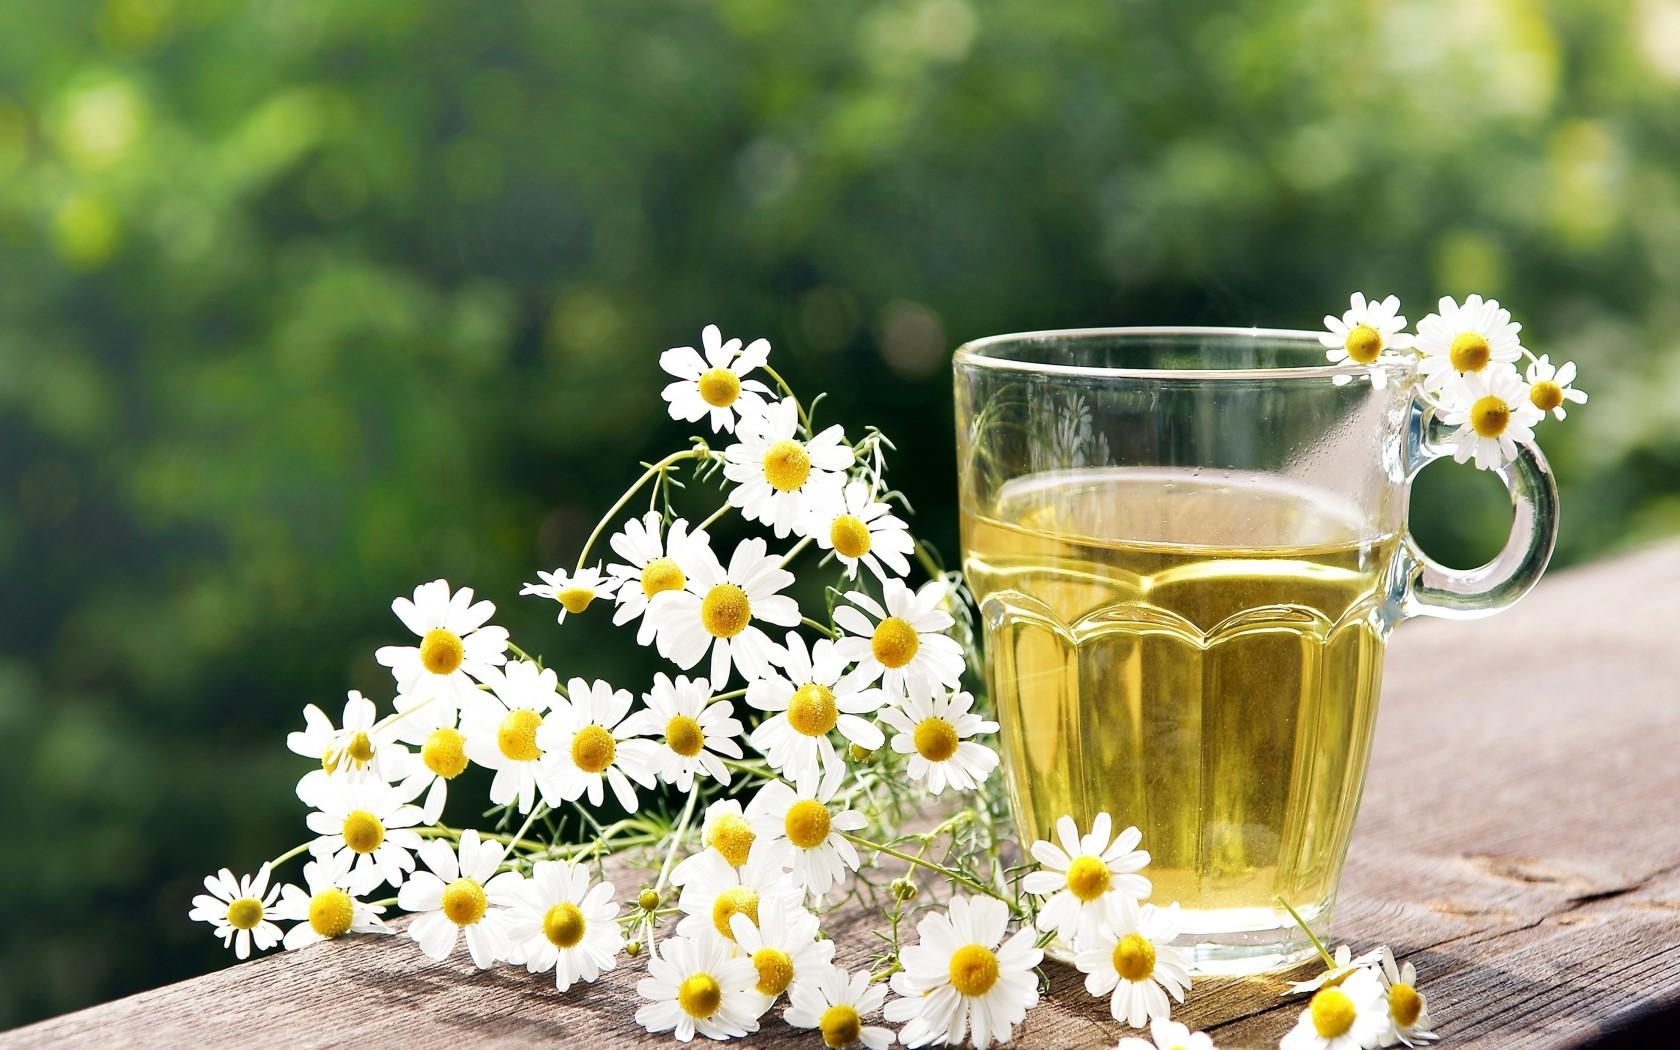 Как вылечить ангину ромашкой, шалфеем и другими целебными травами